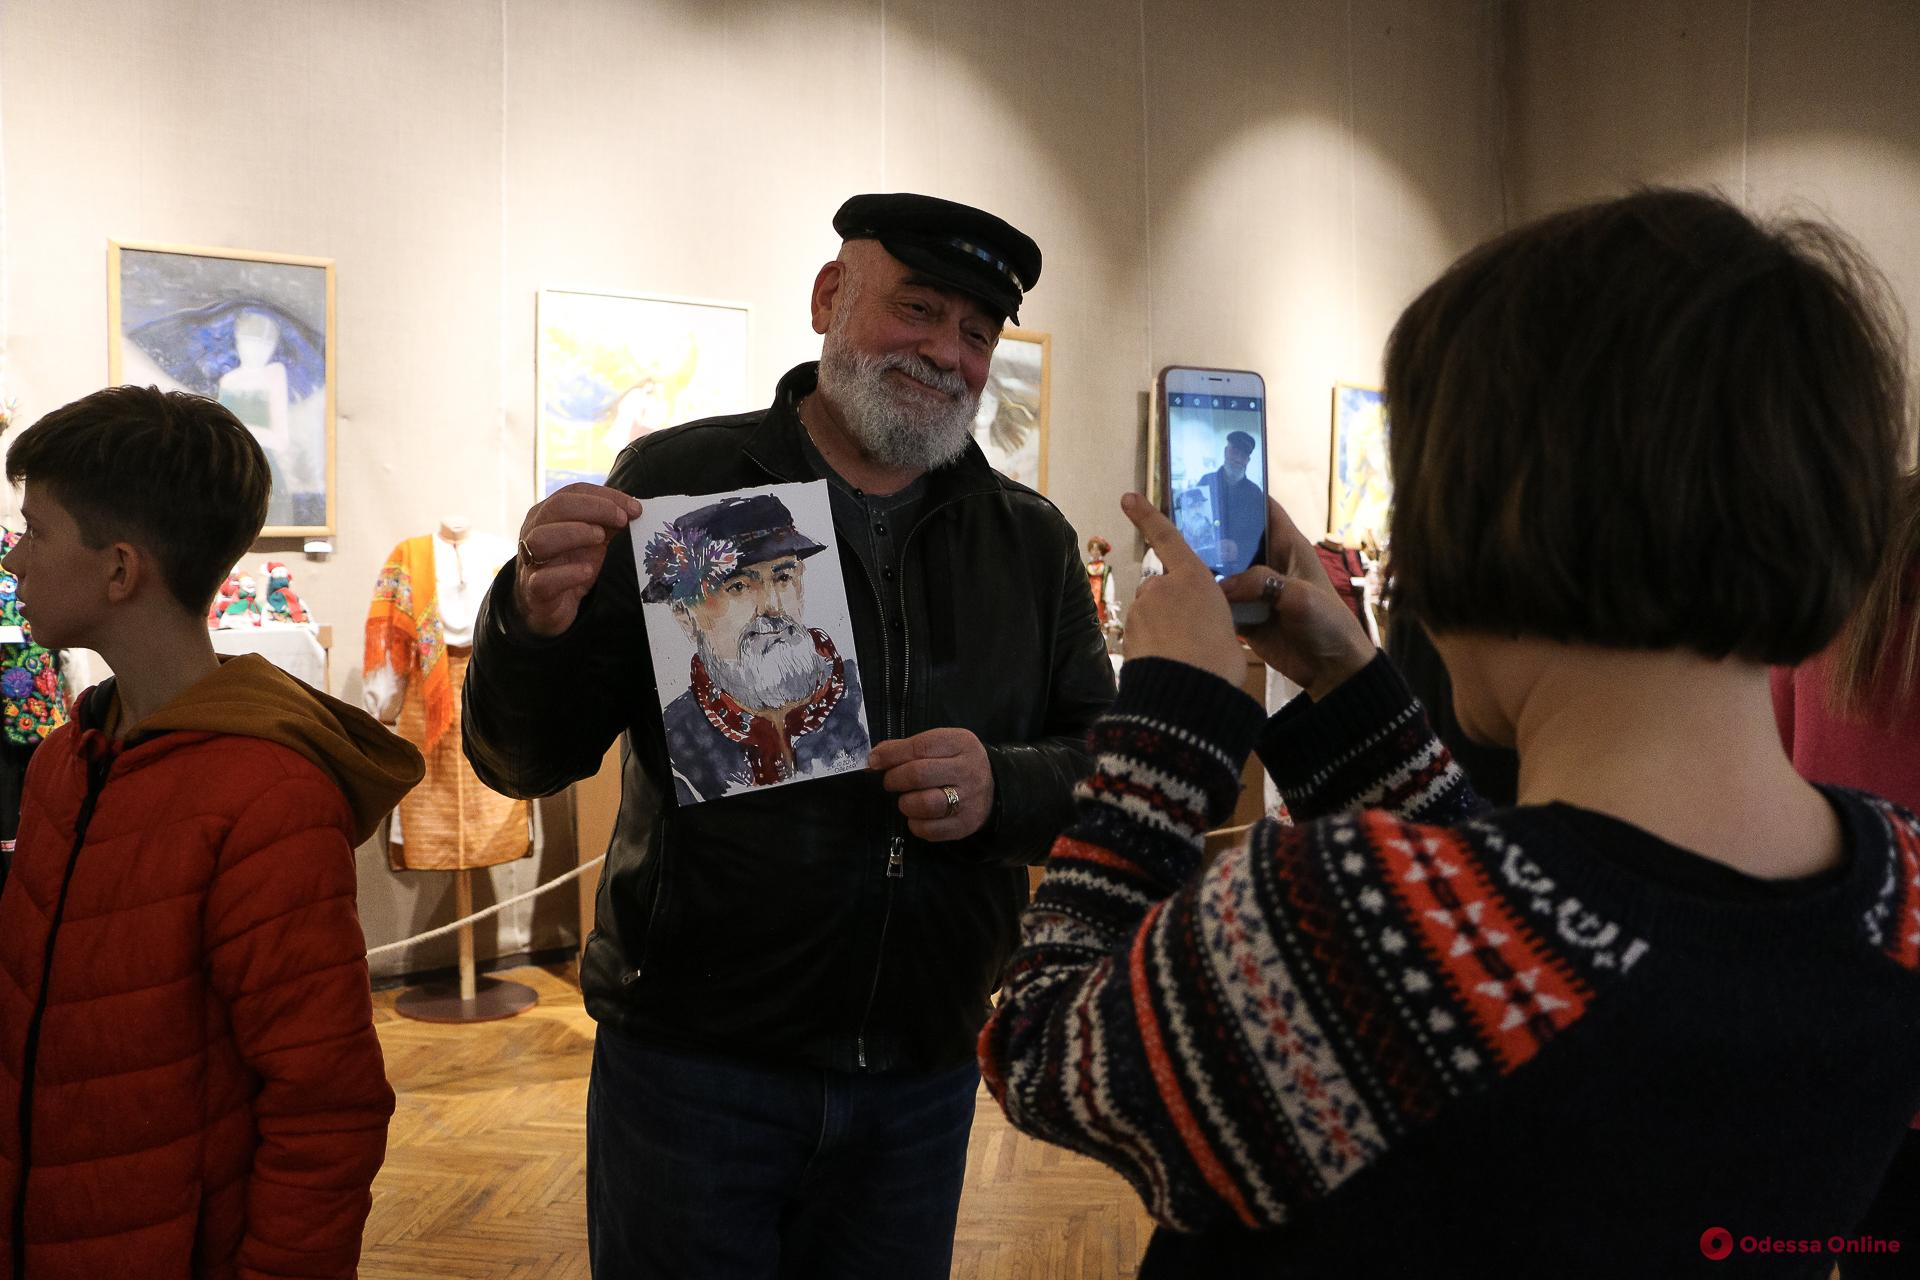 В музее западного и восточного искусства одесситов рисовали в старинных украинских костюмах (фото)